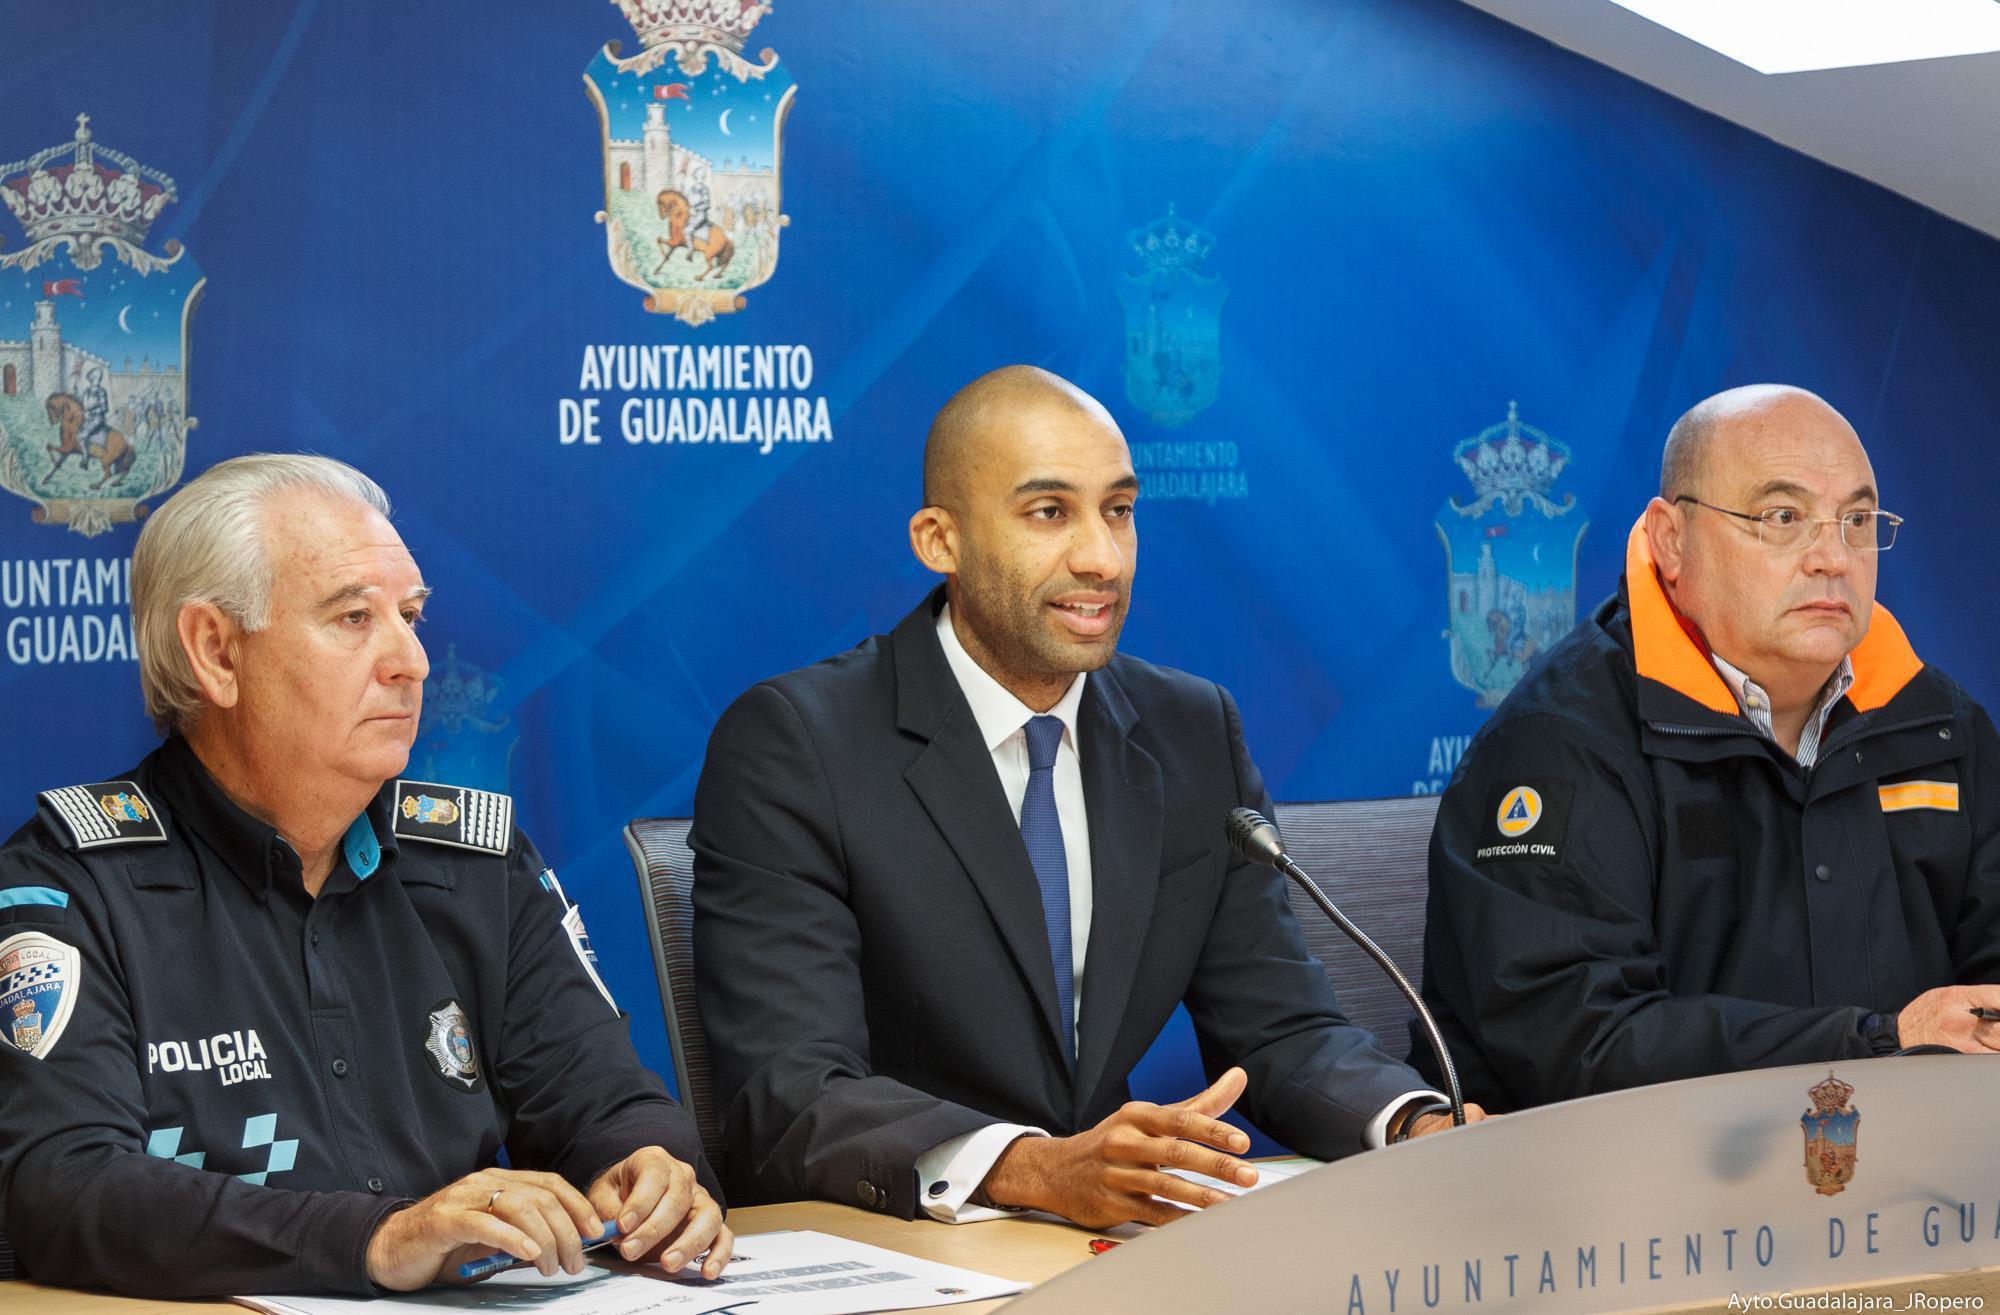 El Ayuntamiento de Guadalajara pone en marcha el Plan Especial de Seguridad y Movilidad para la Navidad